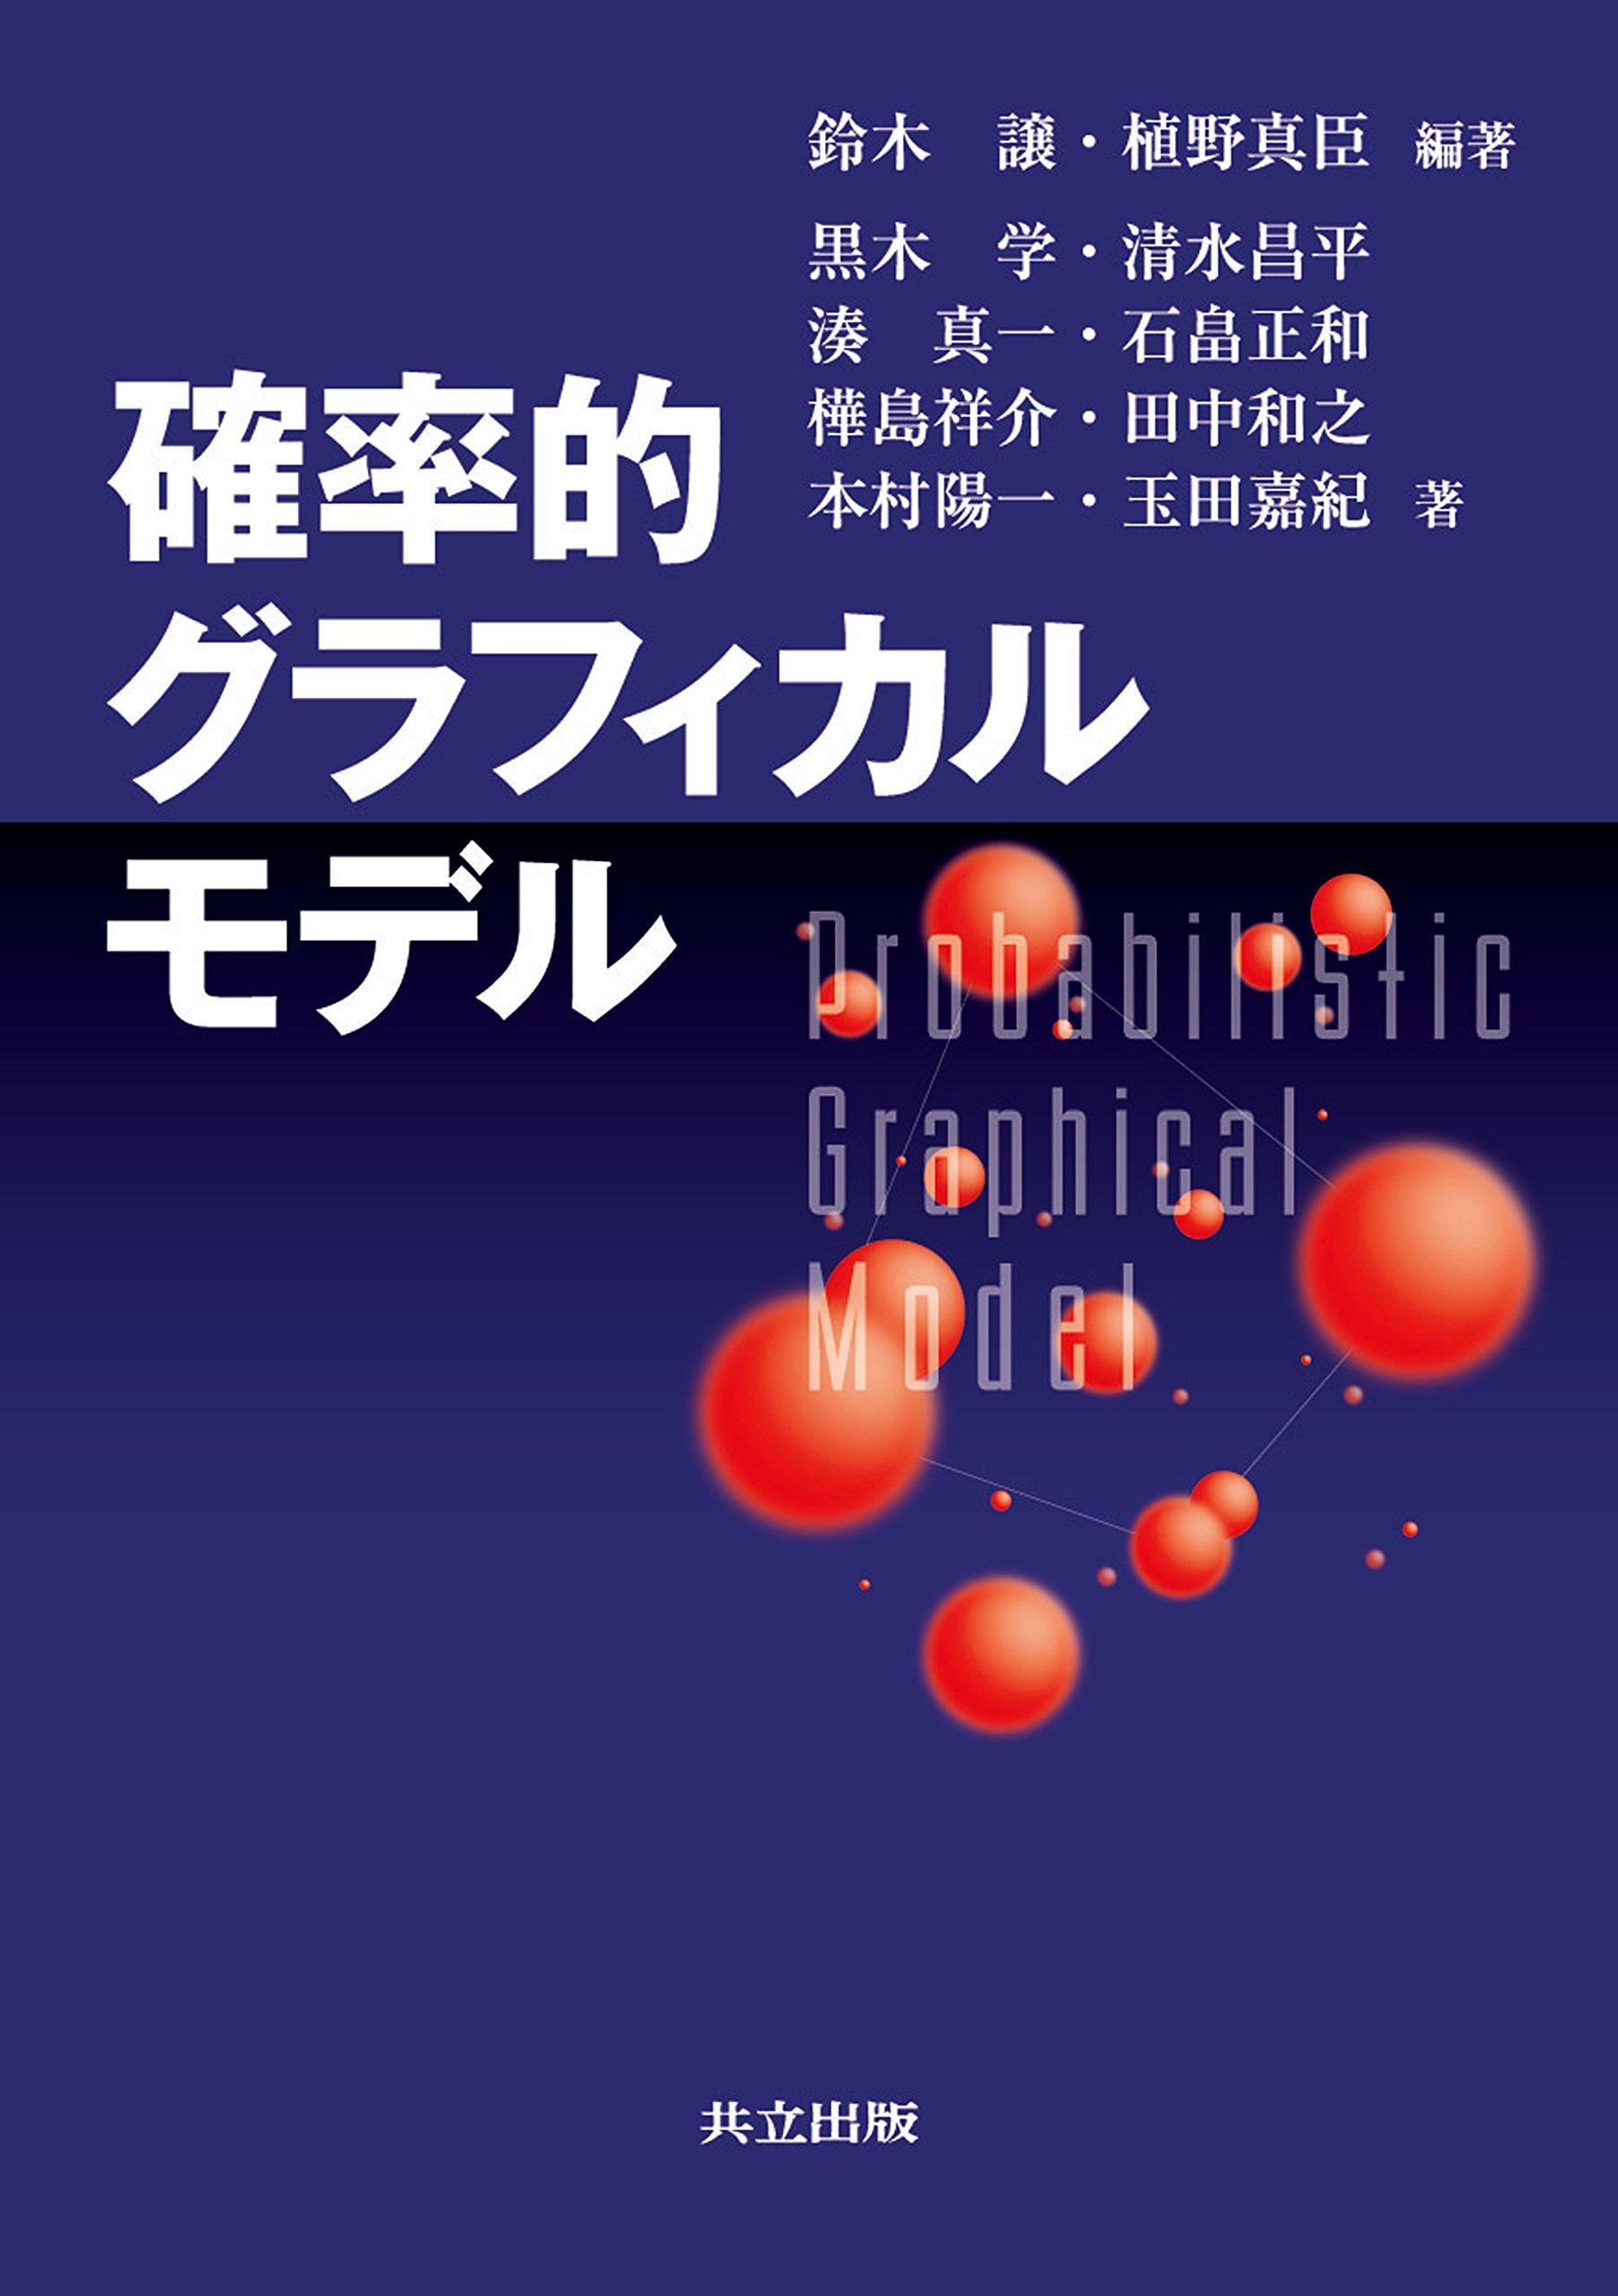 確率的グラフィカルモデル | 鈴木 譲, 植野 真臣, 黒木 学, 清水 昌平 ...